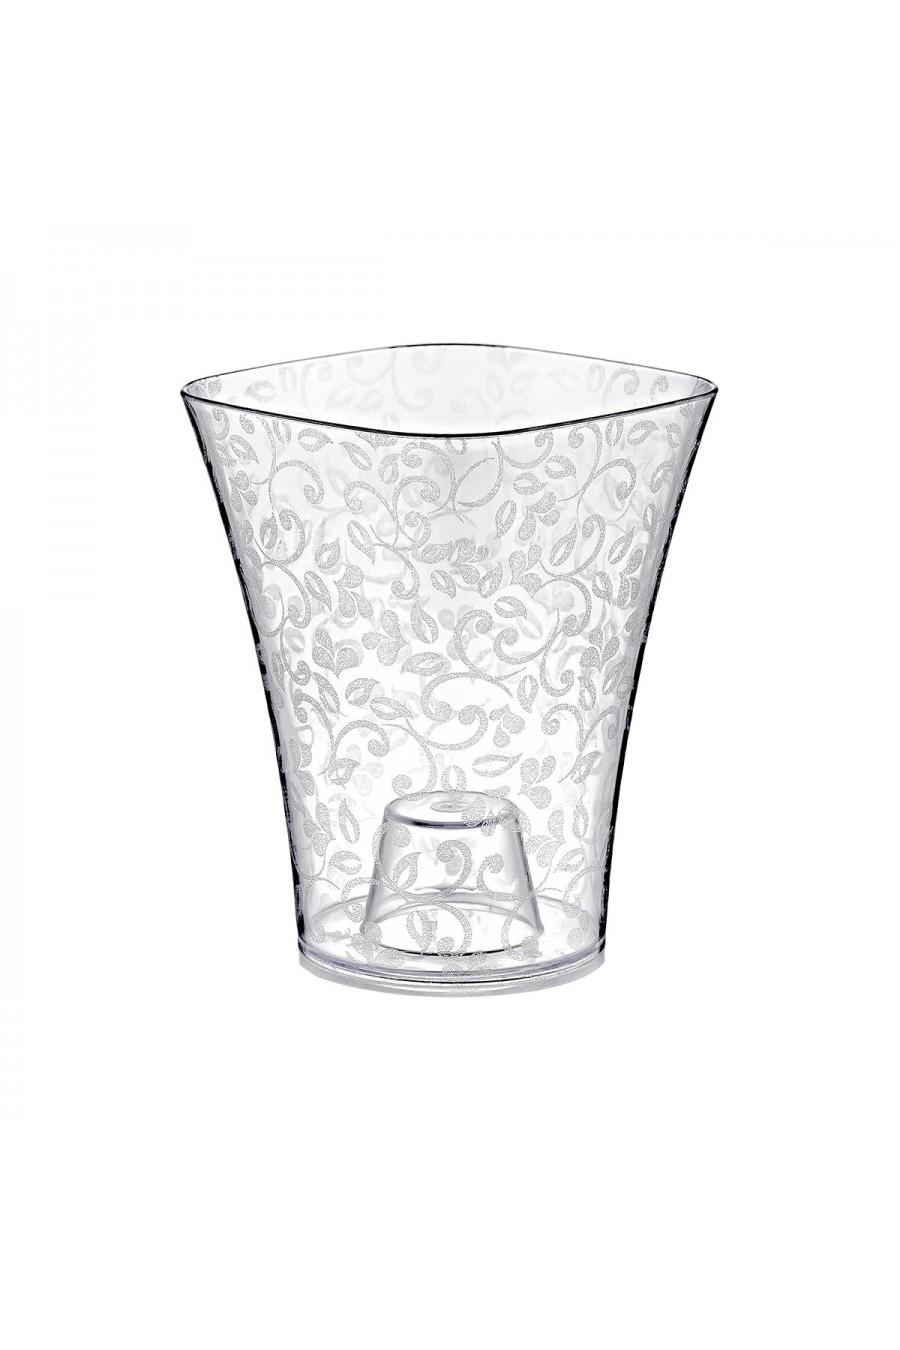 PlastArt 1.4 lt. Kristal Orkide Saksı | Şeffaf